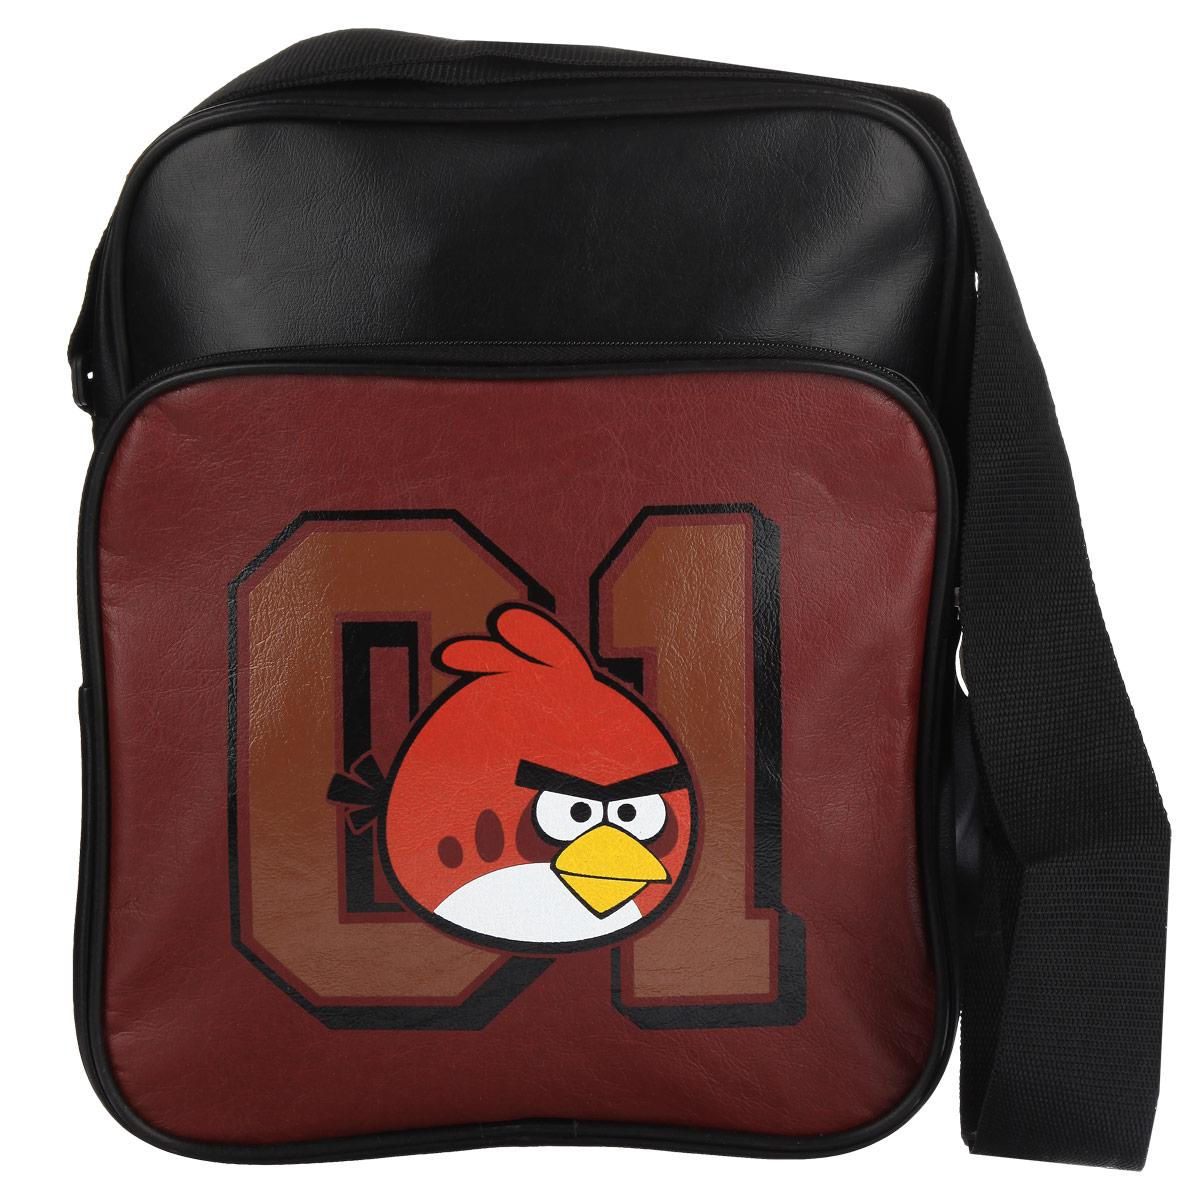 Сумка Angry Birds Красная птица, цвет: черный, бордовый. 8481317986Сумка молодёжная Angry Birds Красная птица сочетает в себе современный дизайн, функциональность и долговечность. Сумка выполнена из кожзаменителя и содержит одно вместительное отделение, застегивающееся на застежку-молнию. Внутри имеется дополнительный карман-разделитель на молнии.На лицевой стороне сумки находятся карман на застежке-молнии. Внутри имеется нашивной карман и фиксаторы для пишущих принадлежностей. На задней стороне сумка имеет дополнительный карман на молнии.Сумка оснащена плечевым ремнем, регулируемой длины.